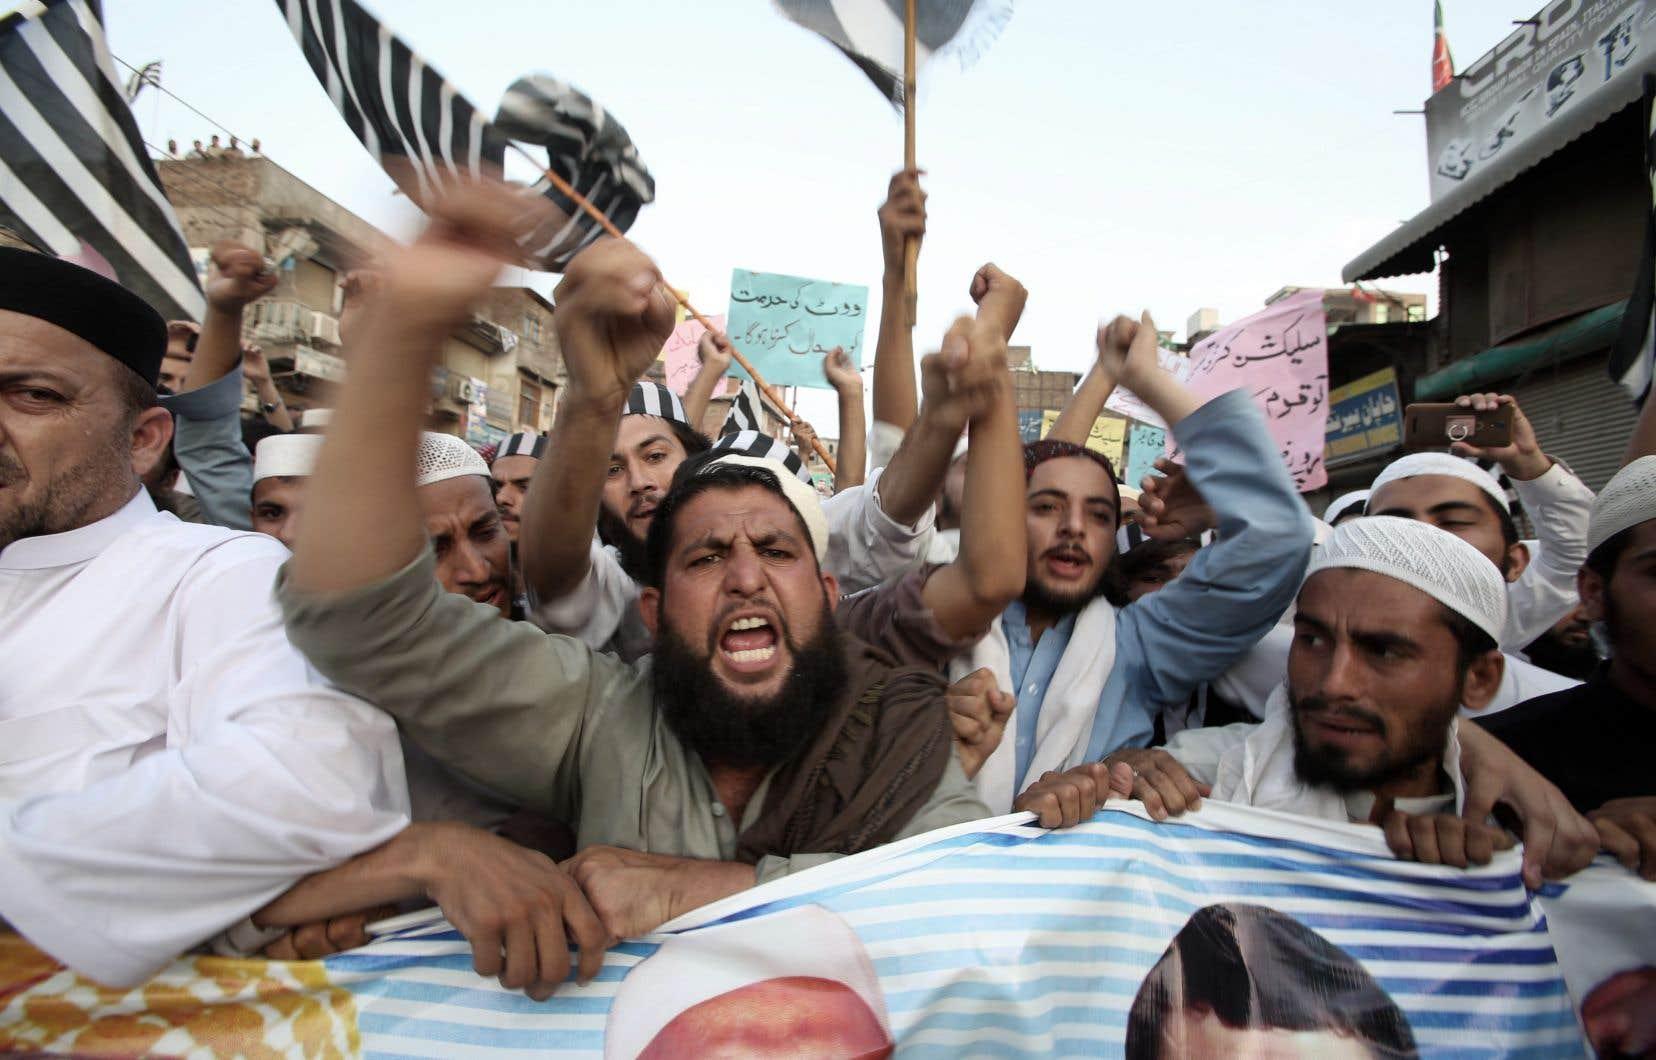 Des partis politiques ont rejeté vendredi la victoire d'Imran Khan aux législatives pakistanaises, annonçant des manifestations et exigeant un nouveau scrutin.